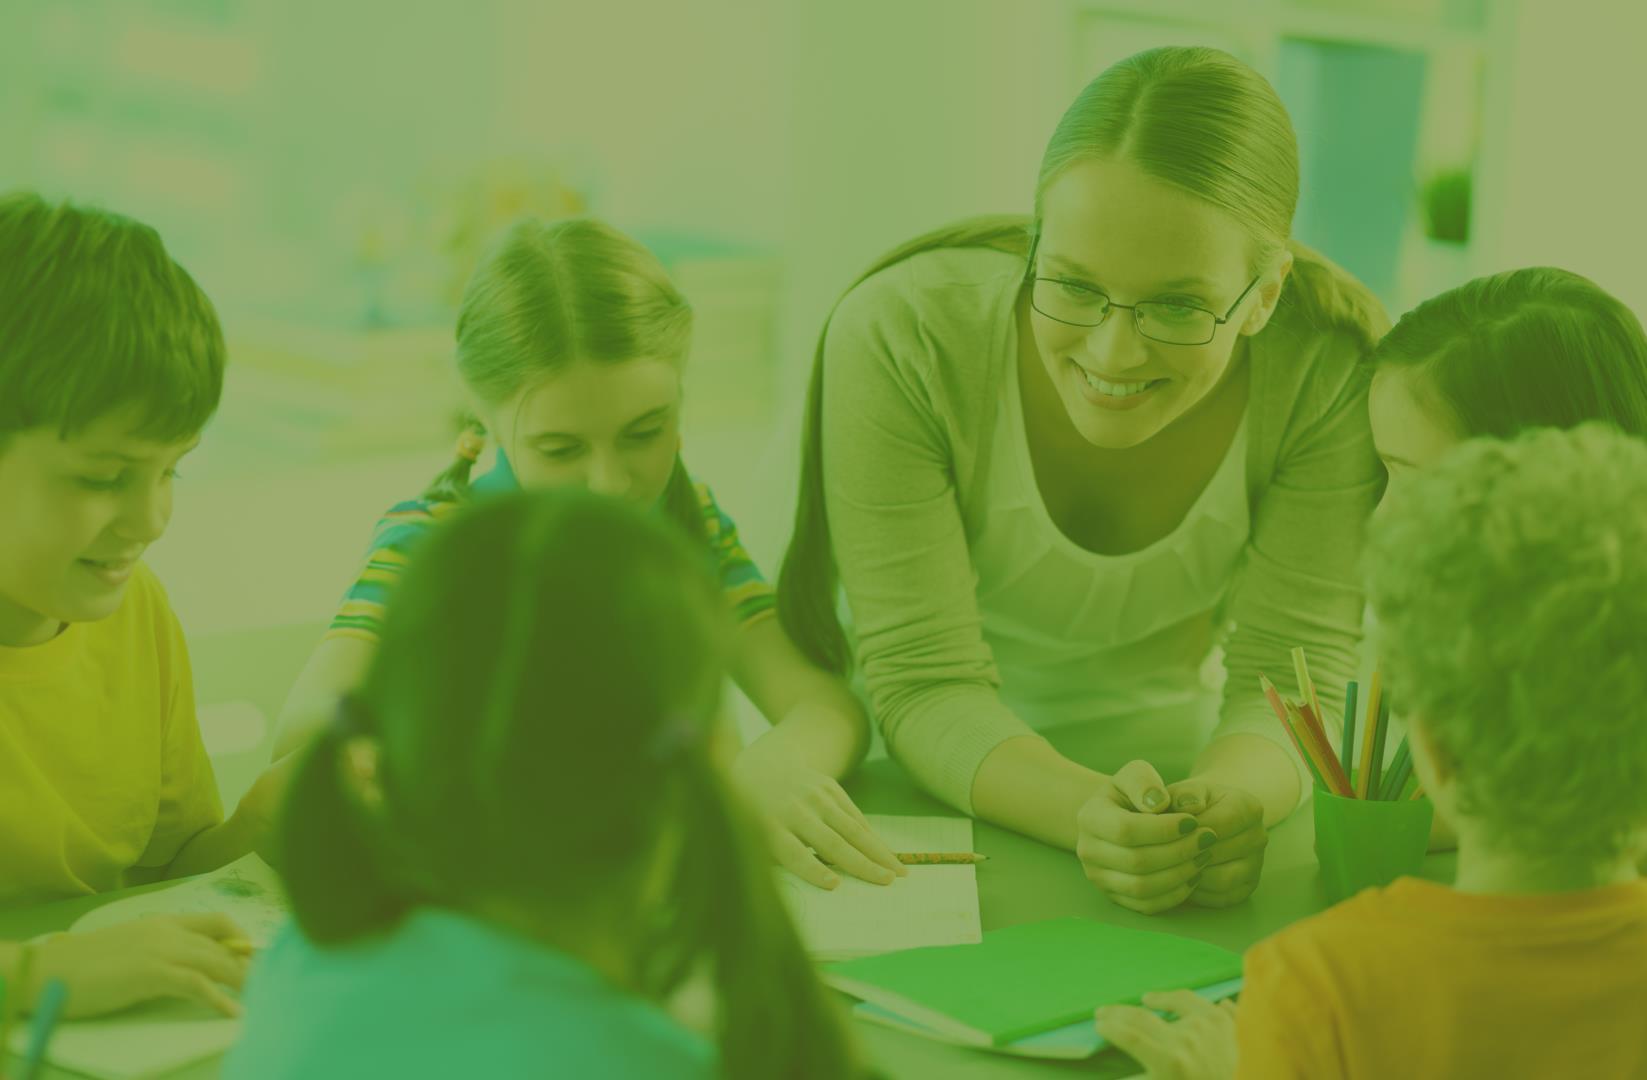 Faculdade IENH promove Pós-graduação em Educação Bilíngue e Cognição em São Paulo